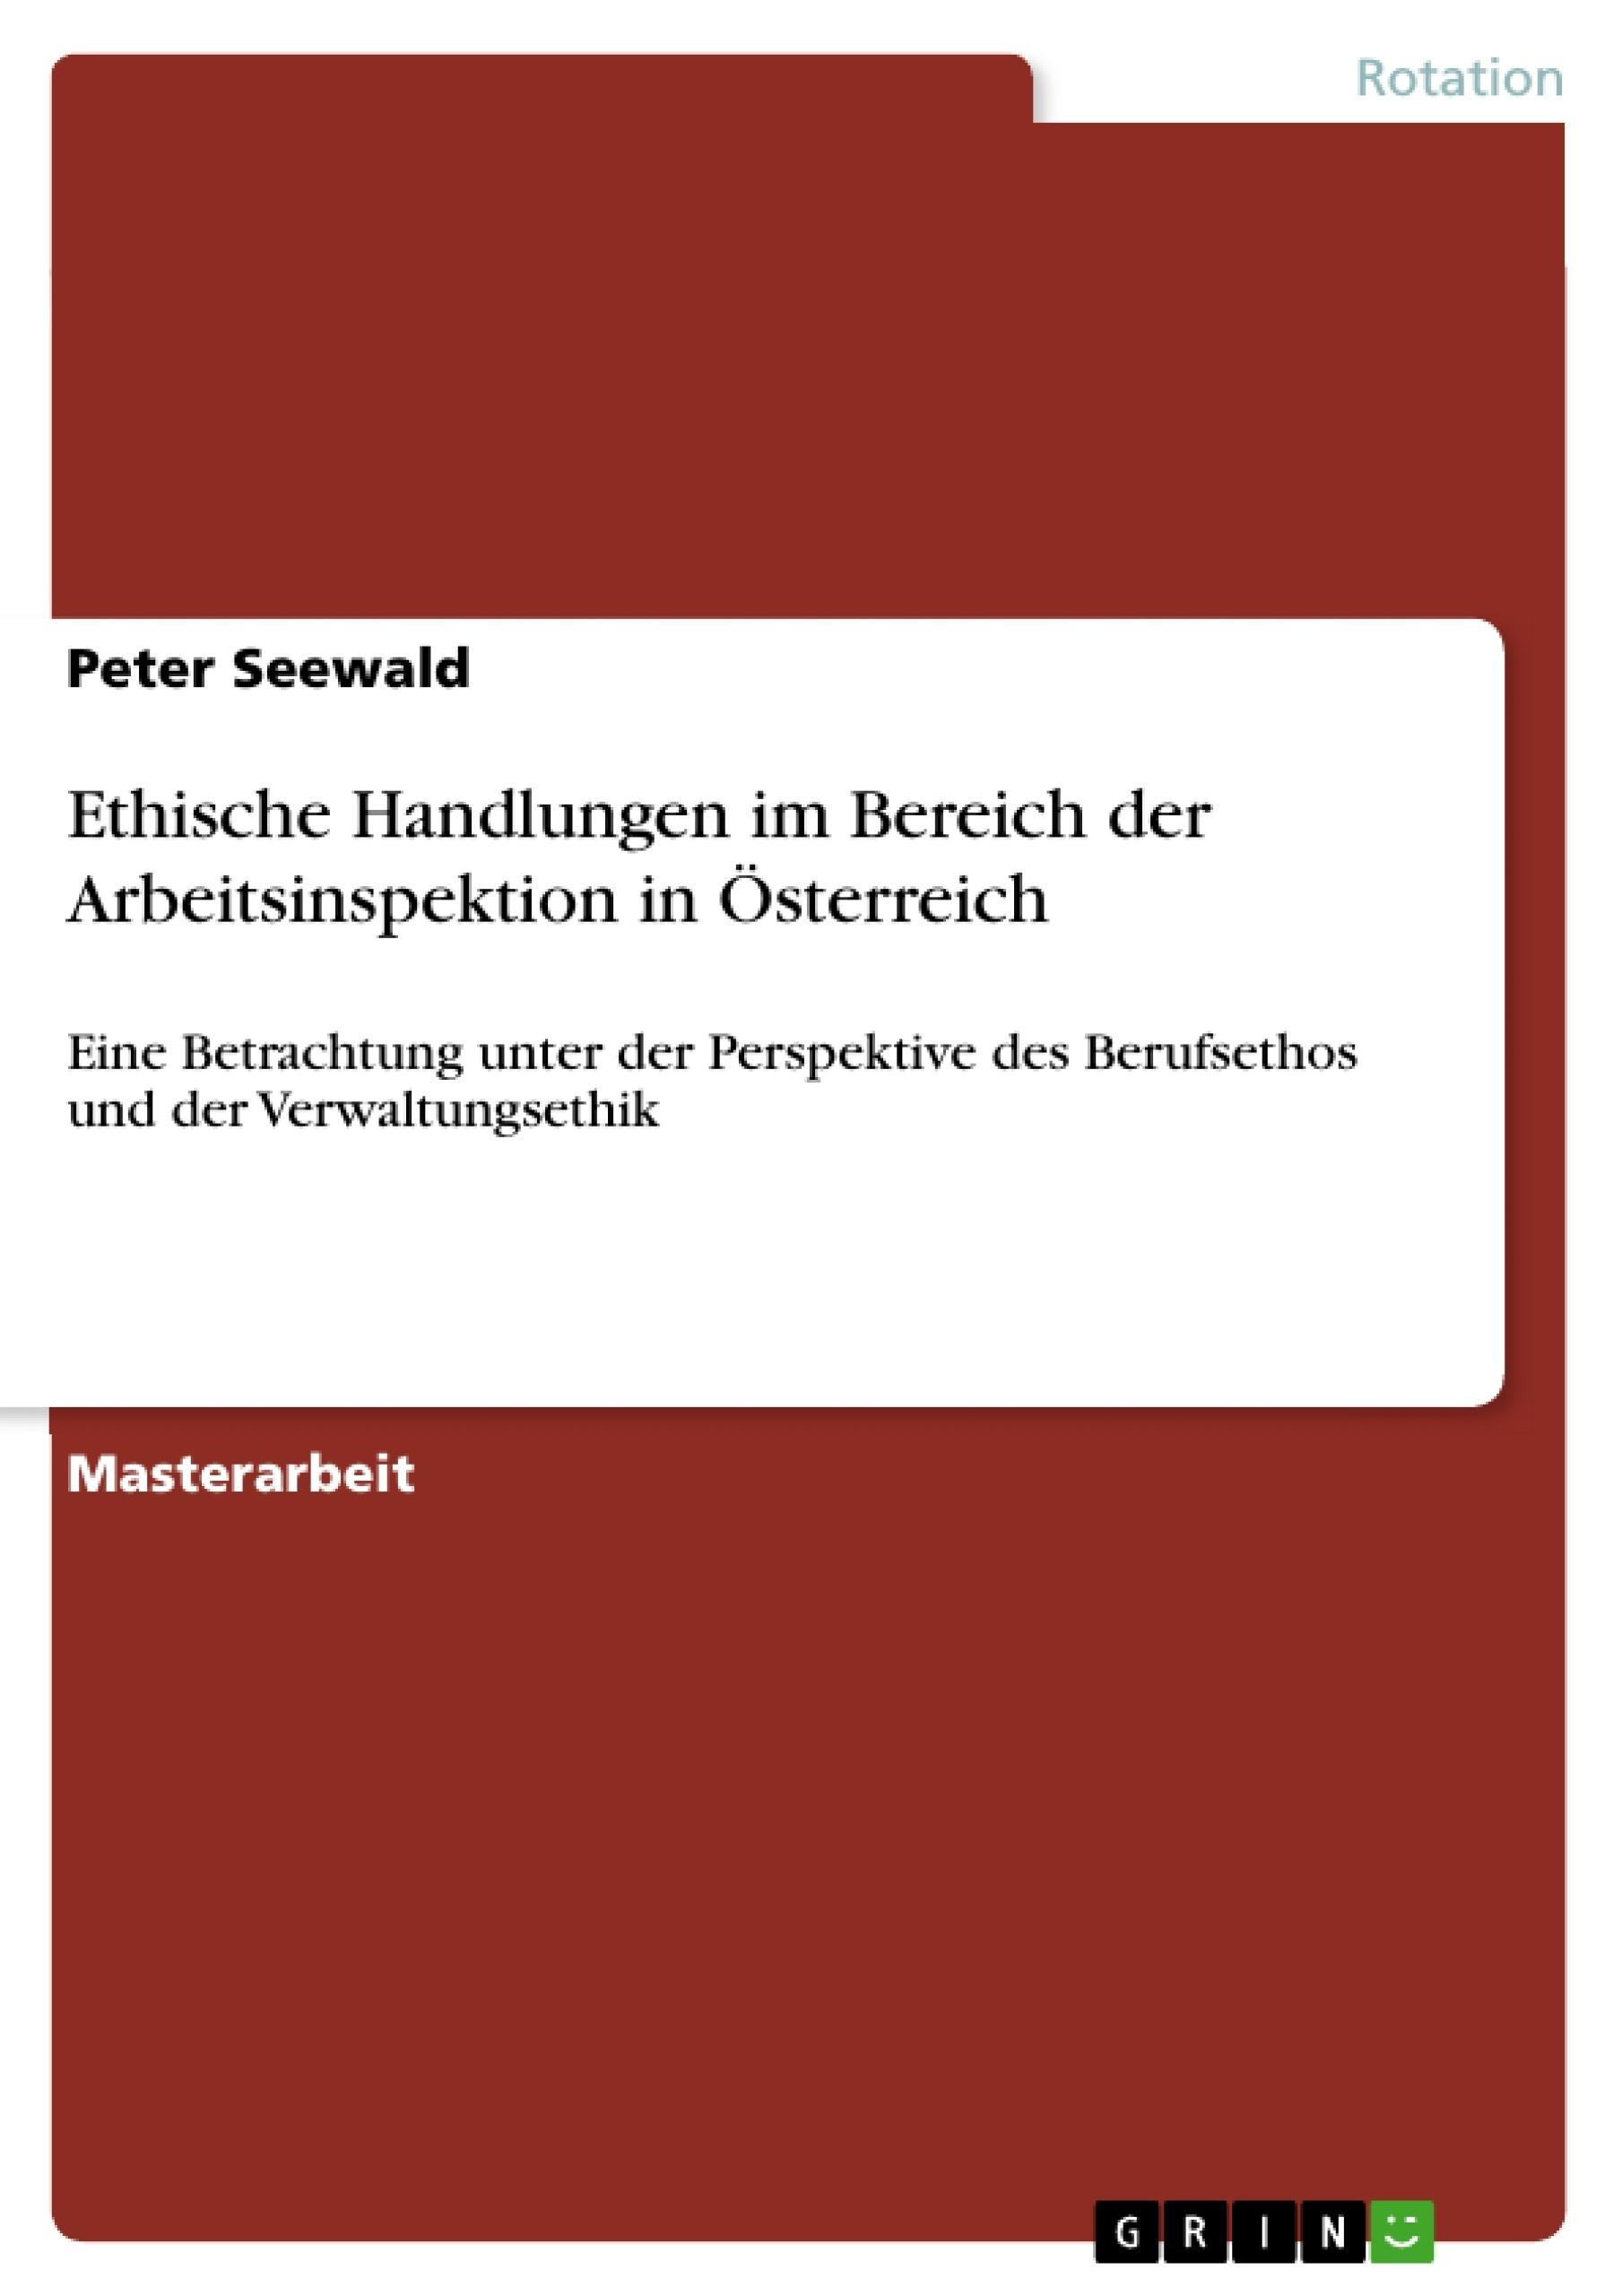 Titel: Ethische Handlungen im Bereich der Arbeitsinspektion in Österreich